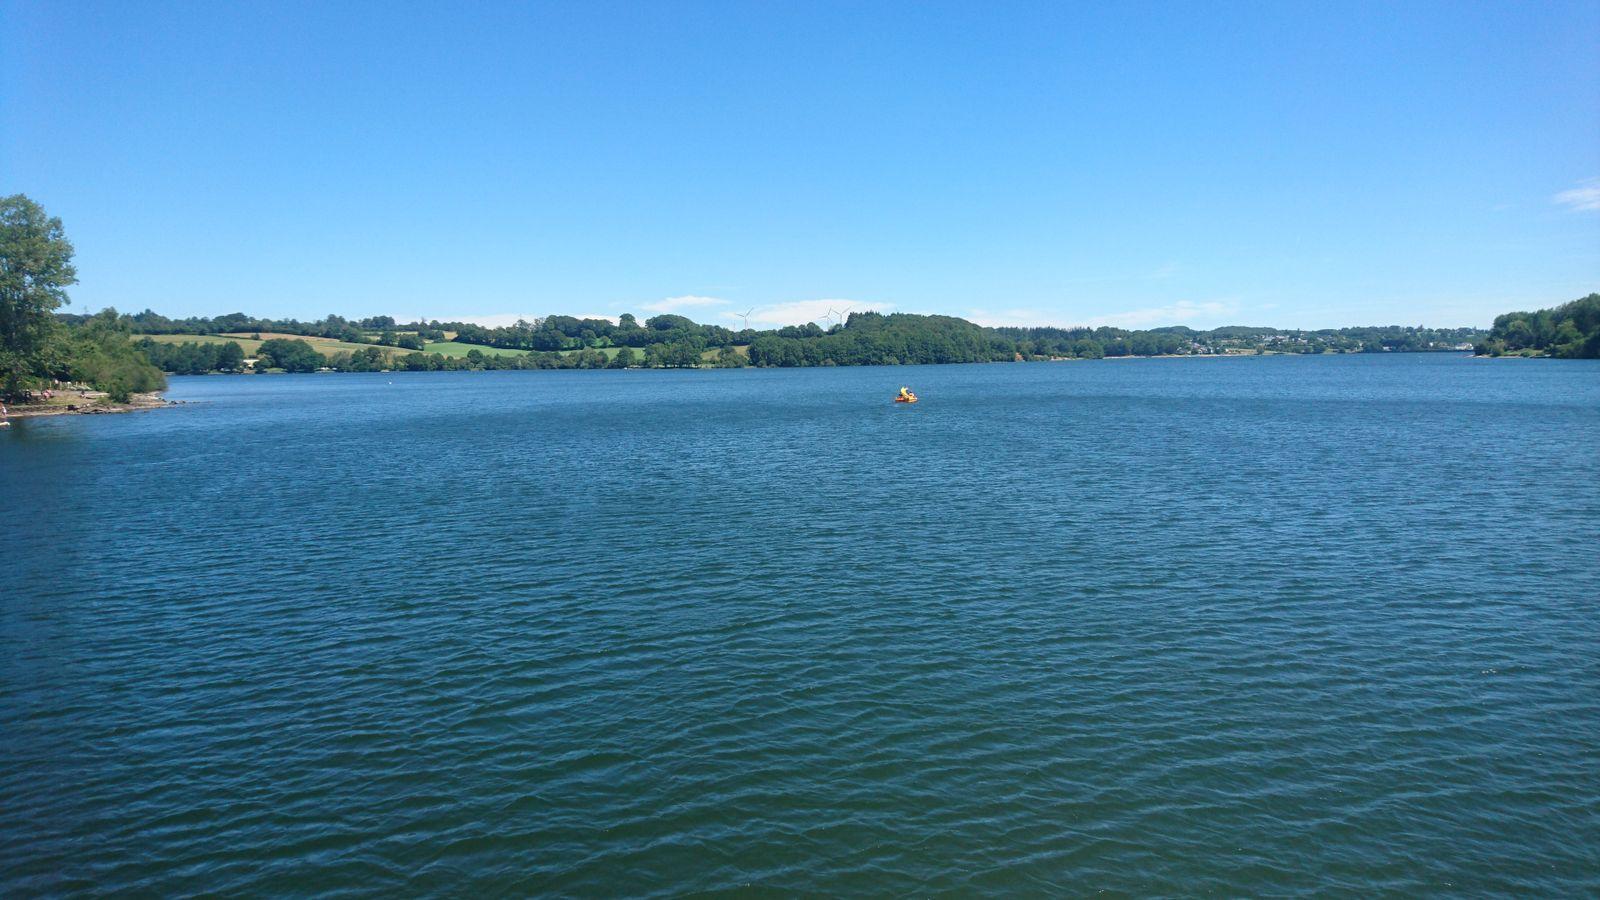 Bien sur  le canoé la voile le paddle le ski nautique la barque le pédalo un beau plan d'eau pour cela !